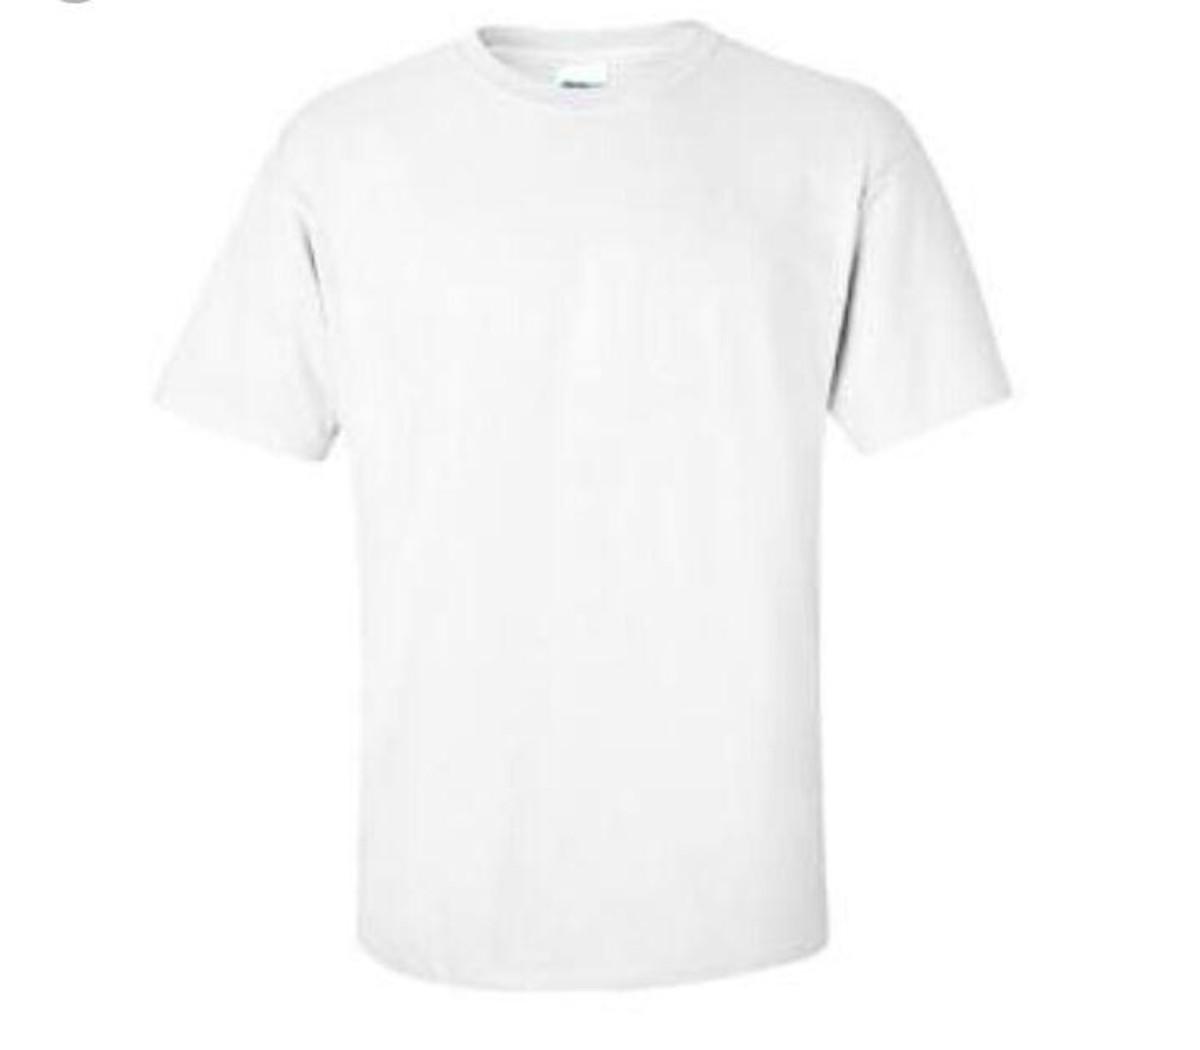 f75bad4c53 Camiseta branca vários modelos para a sua estampa. no Elo7